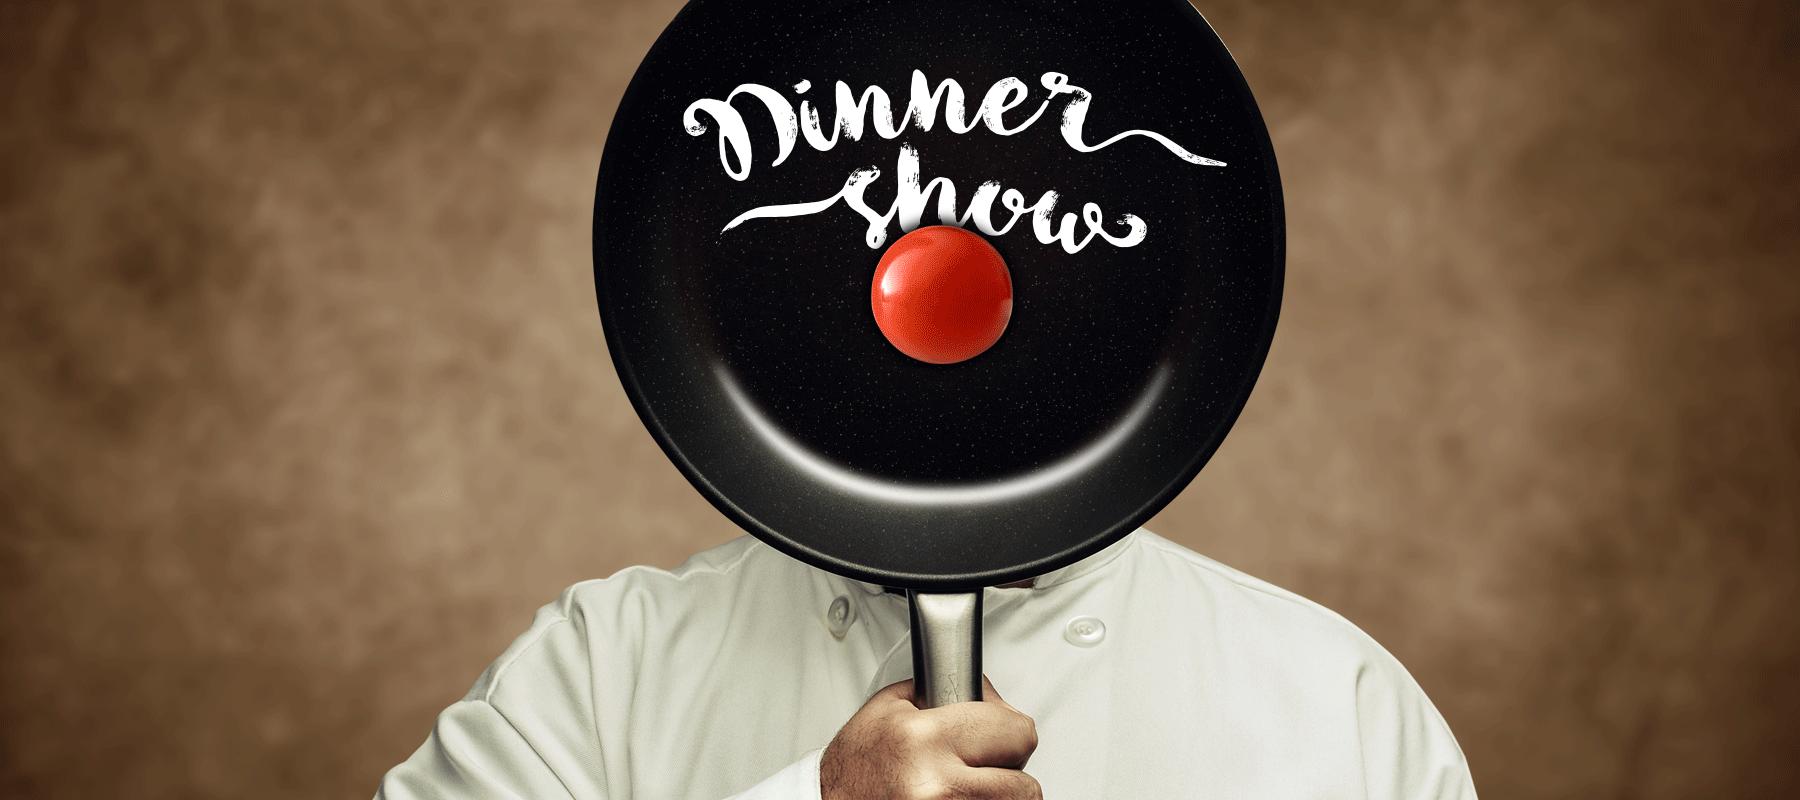 8caecc56a8d5 Próximos eventos   Dinner Show: Gran Circo Stopim   Cia dos Palhaços